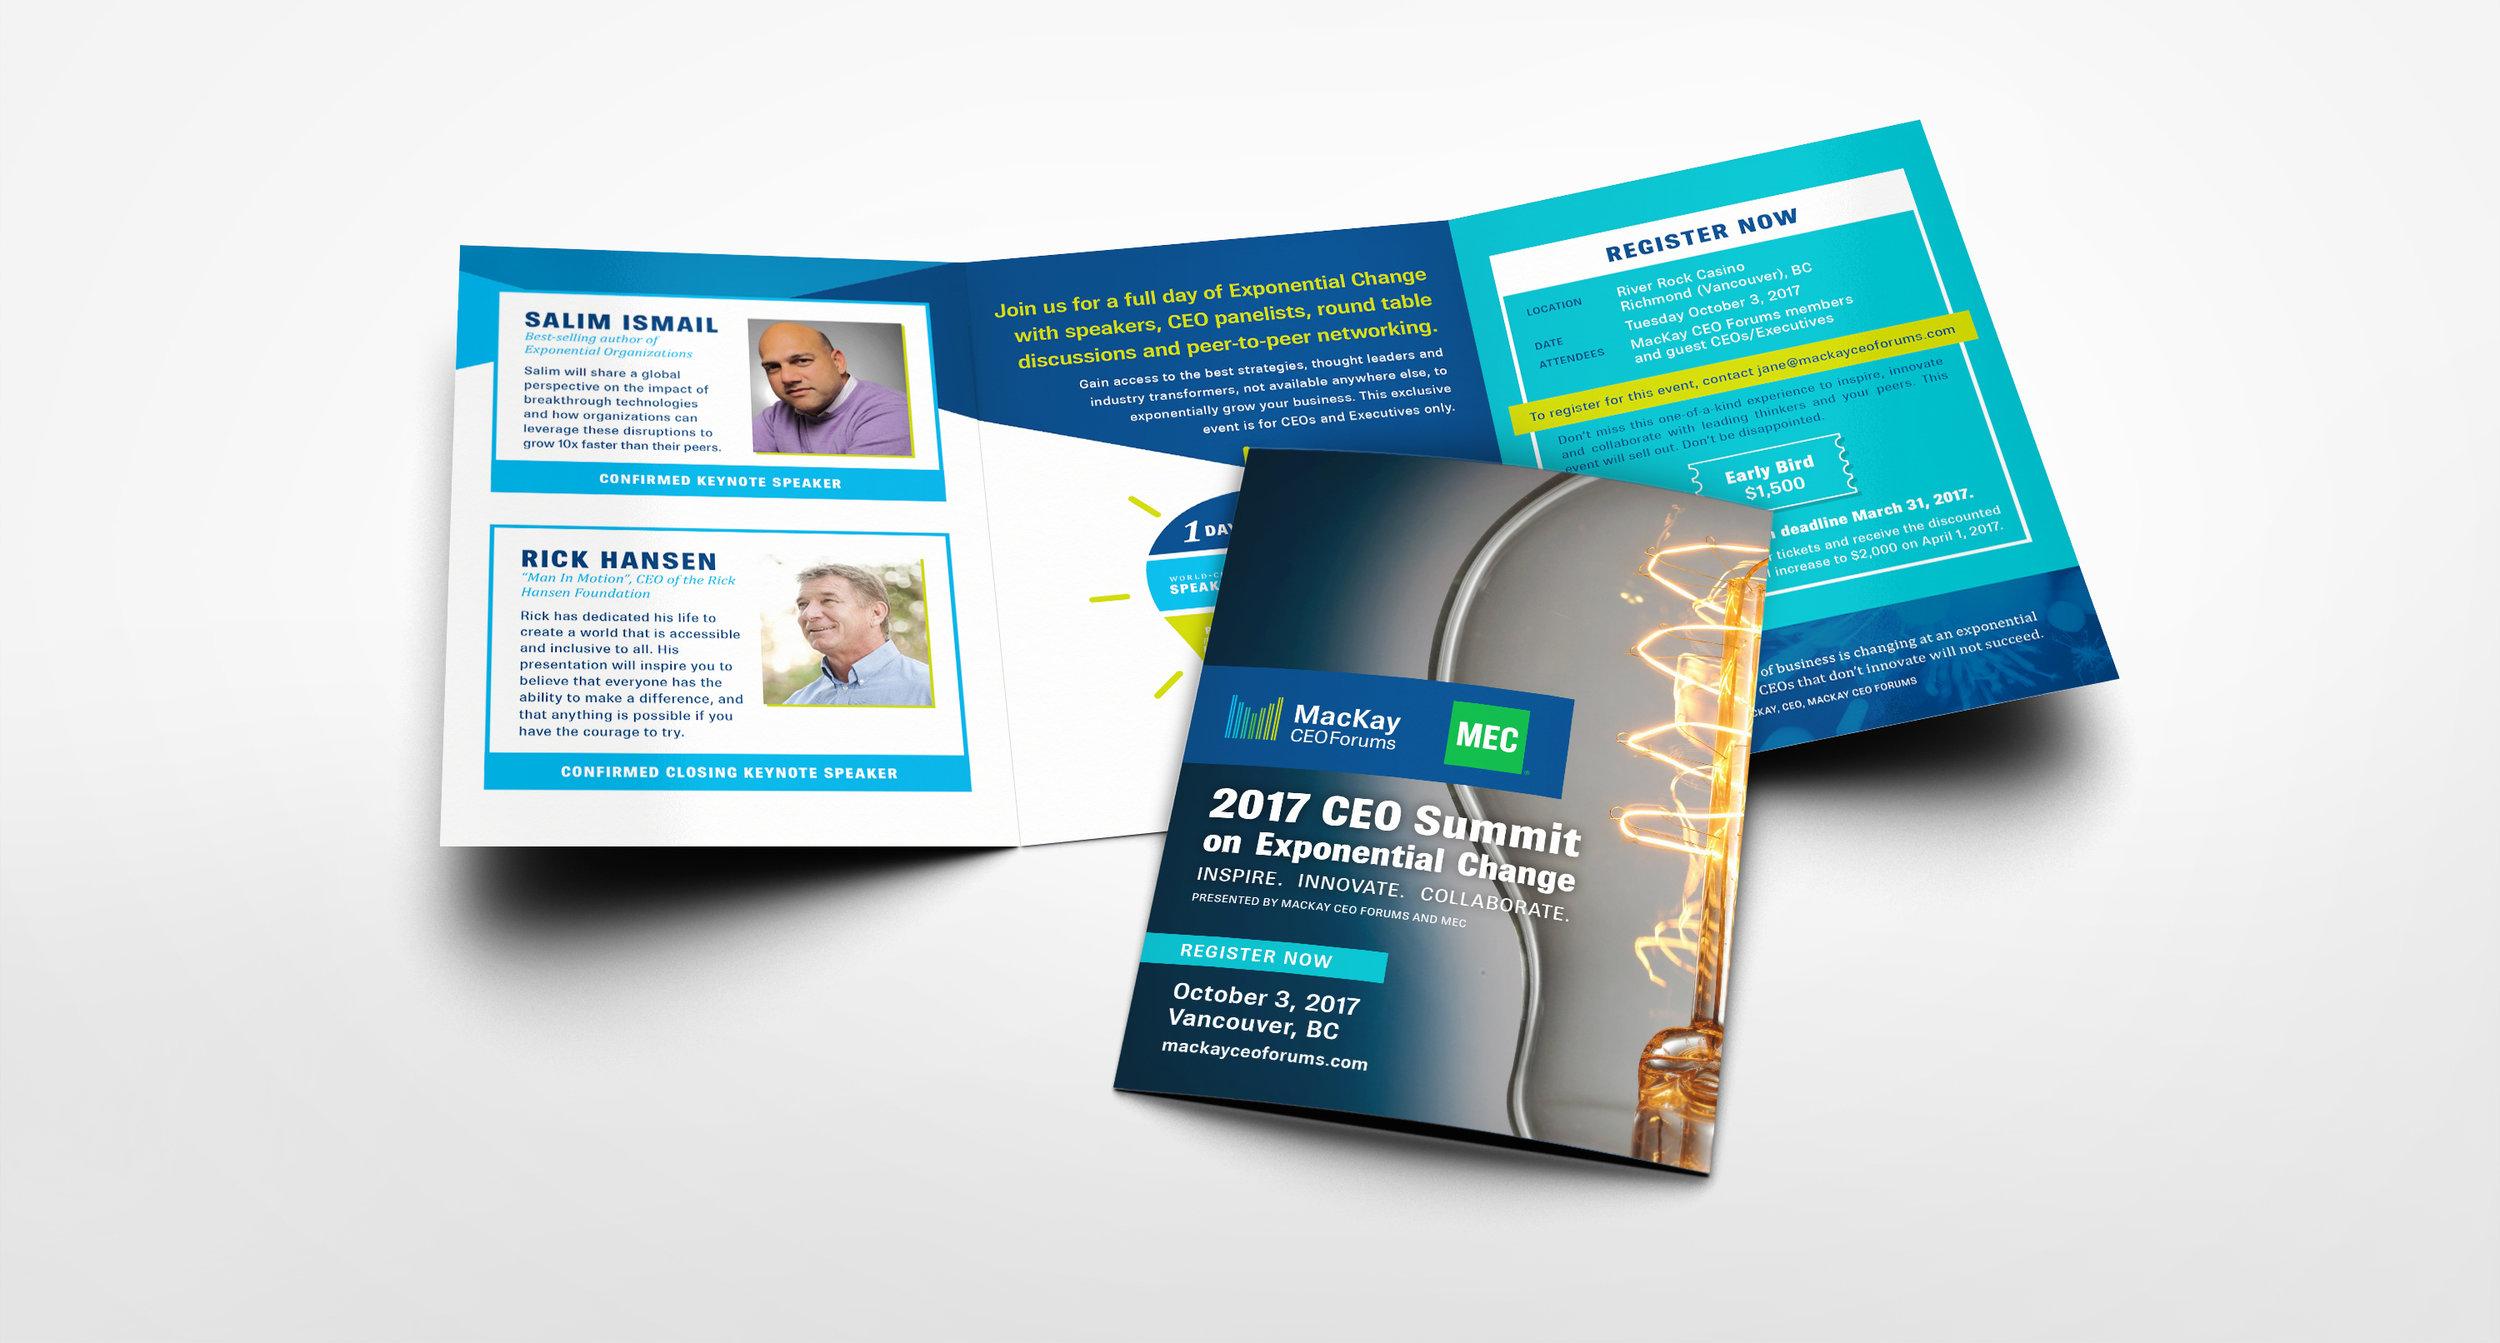 MacKay CEO Forums CEO summit brochure design